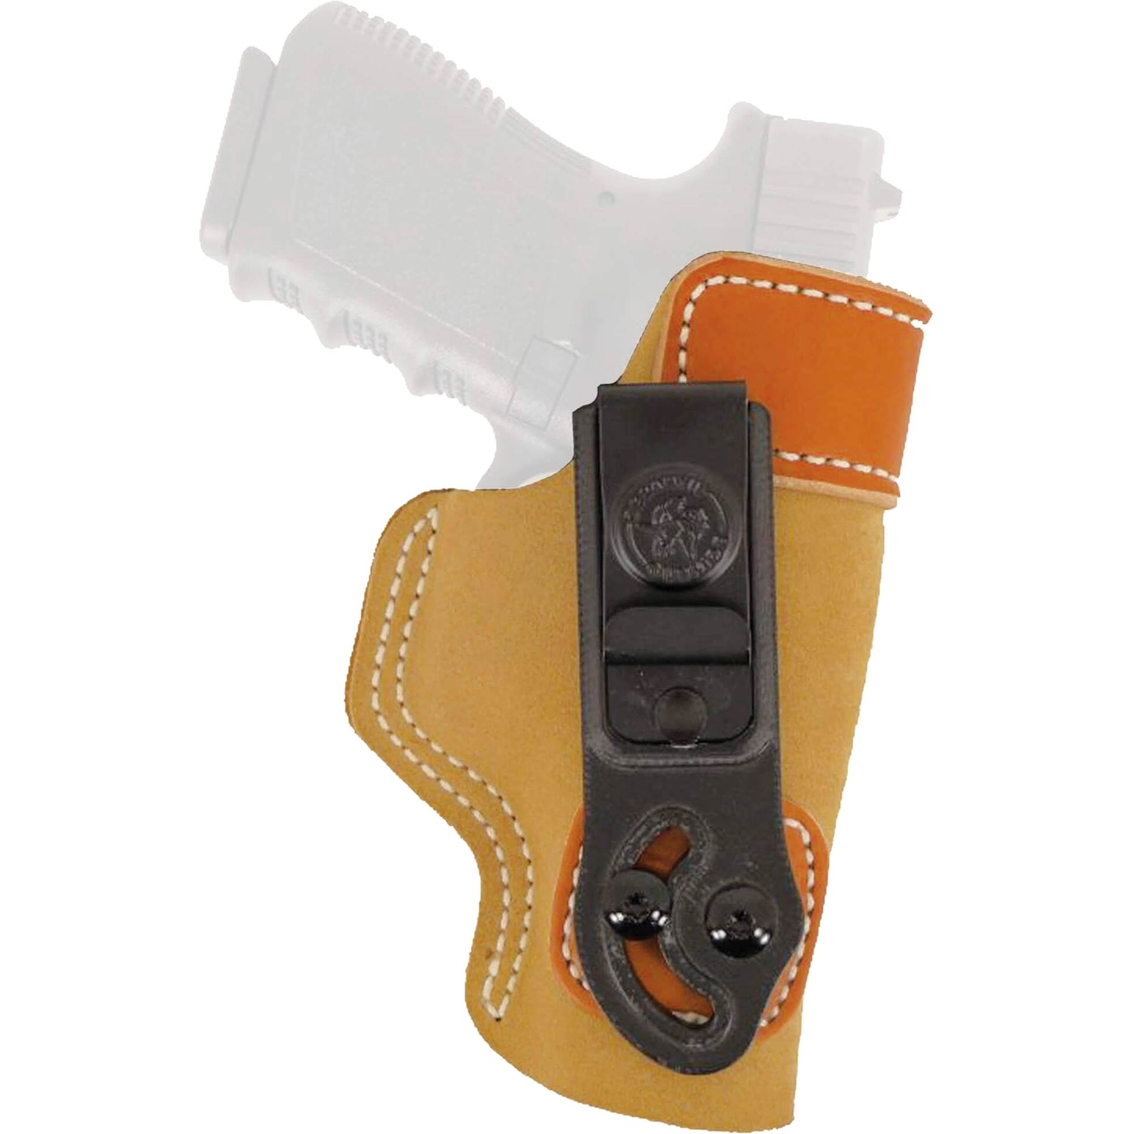 Desantis Sof-tuck Inside The Pant Holster Glock 26/27